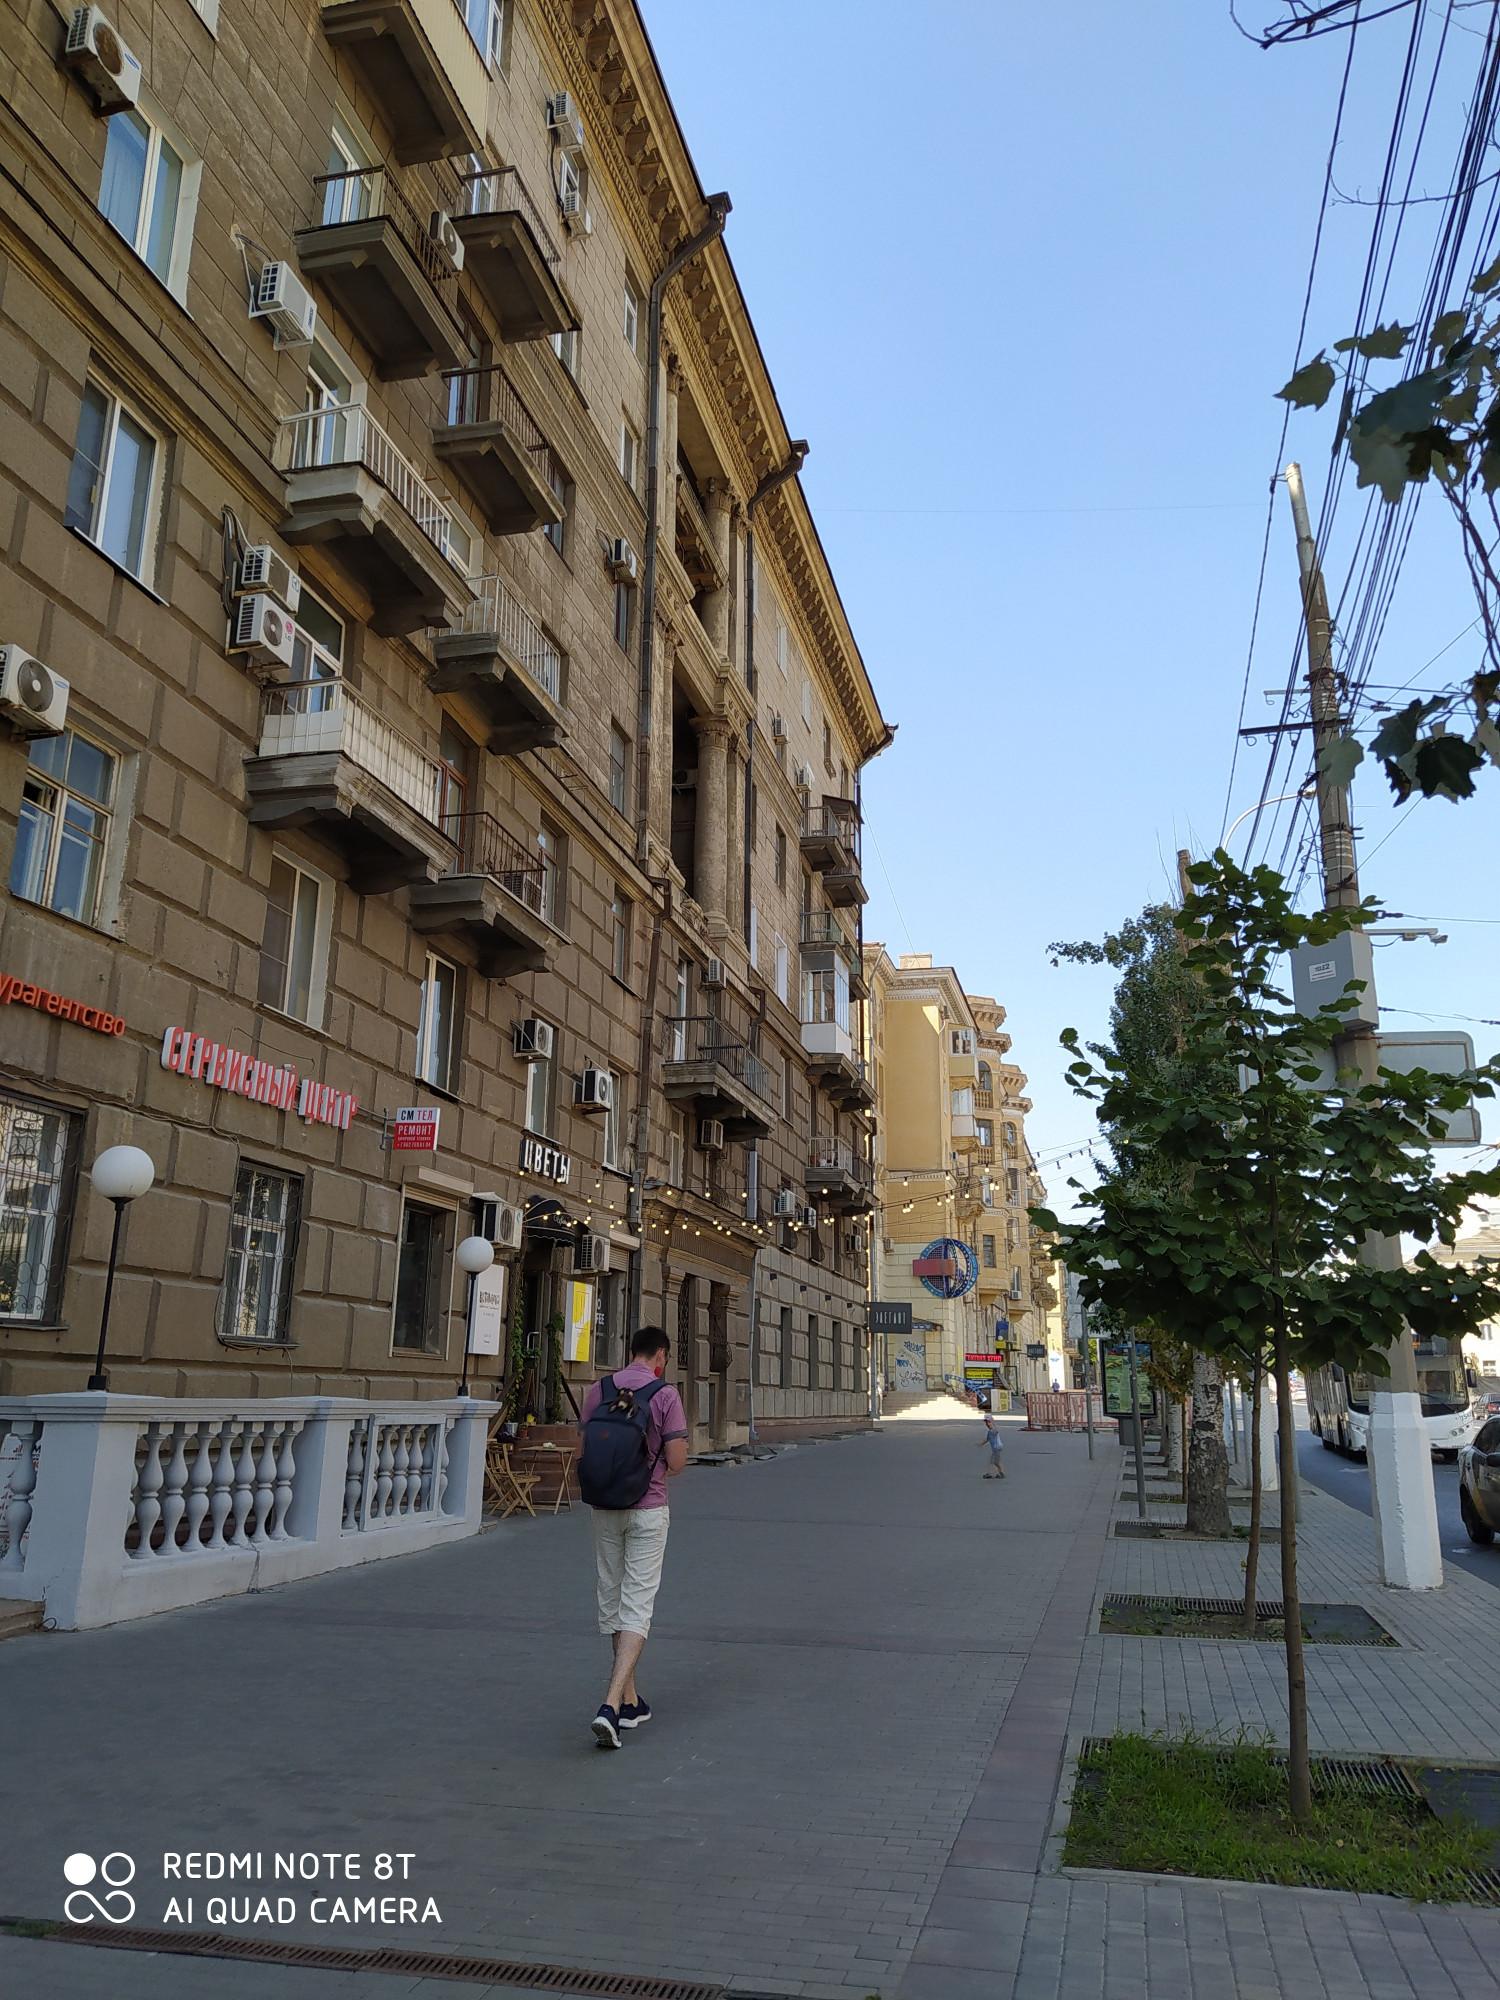 Многие улицы похожи на новосибирские в районе улицы Станиславского и площади Маркса))